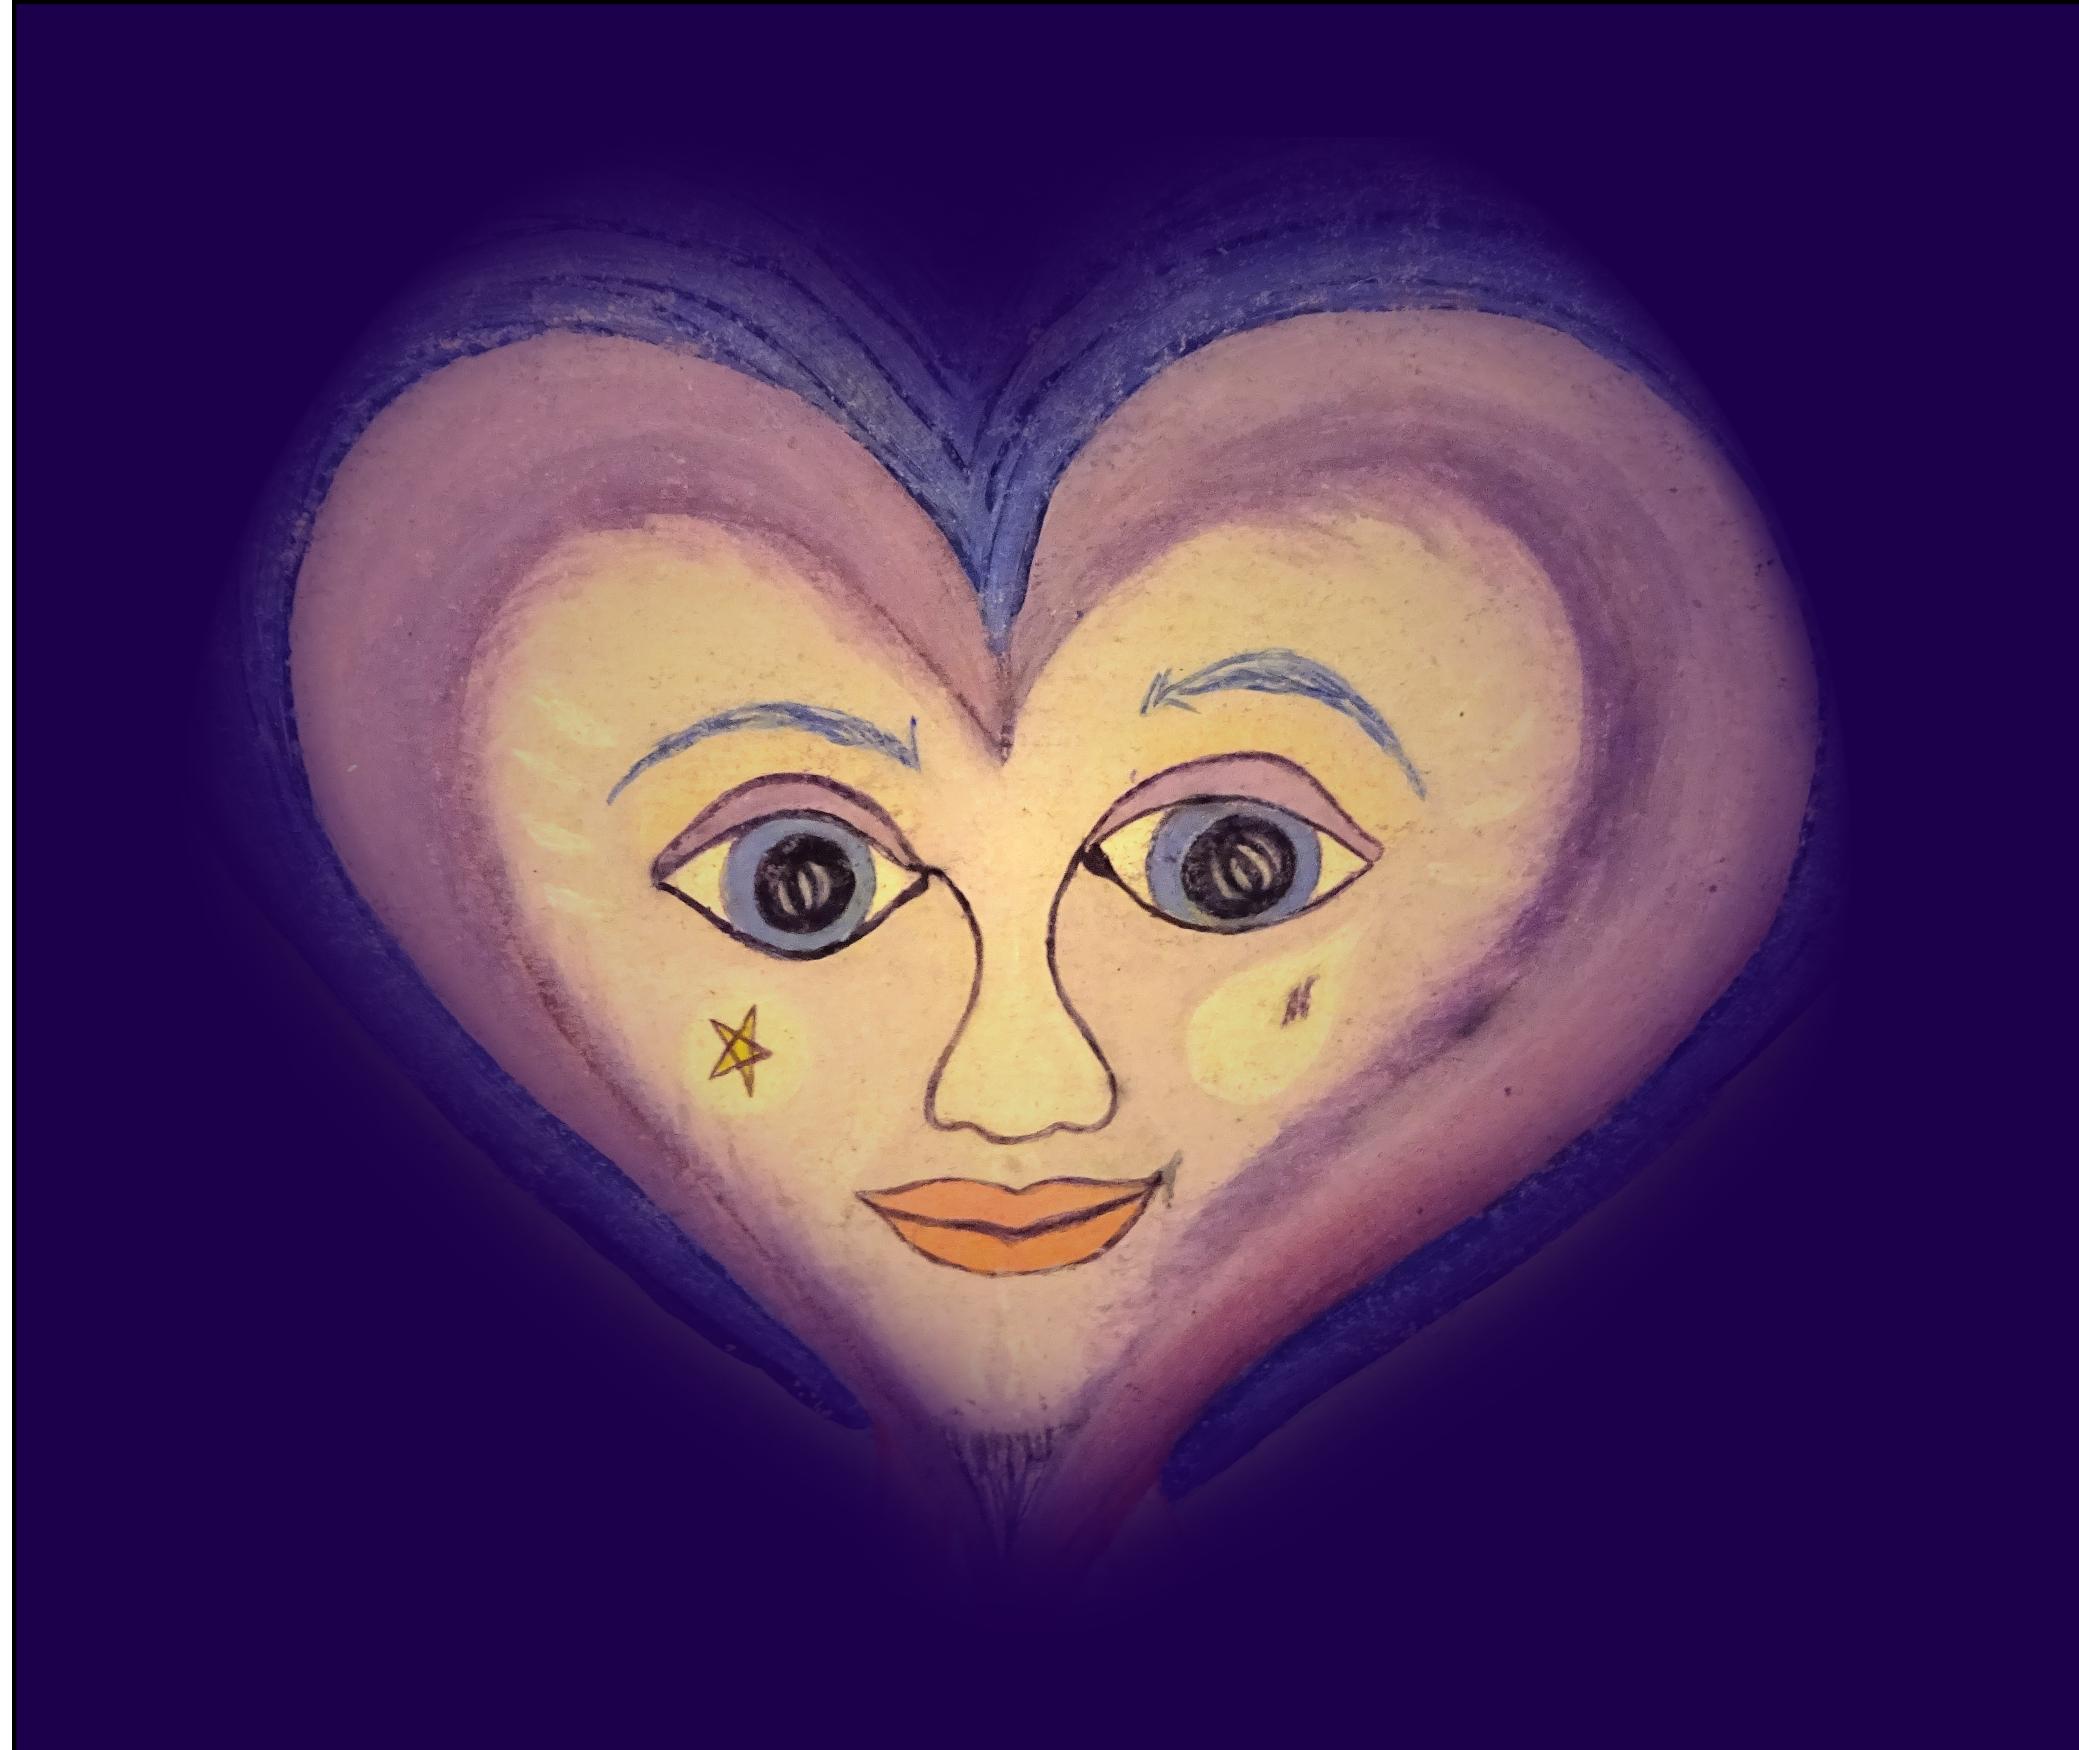 Heart Genie